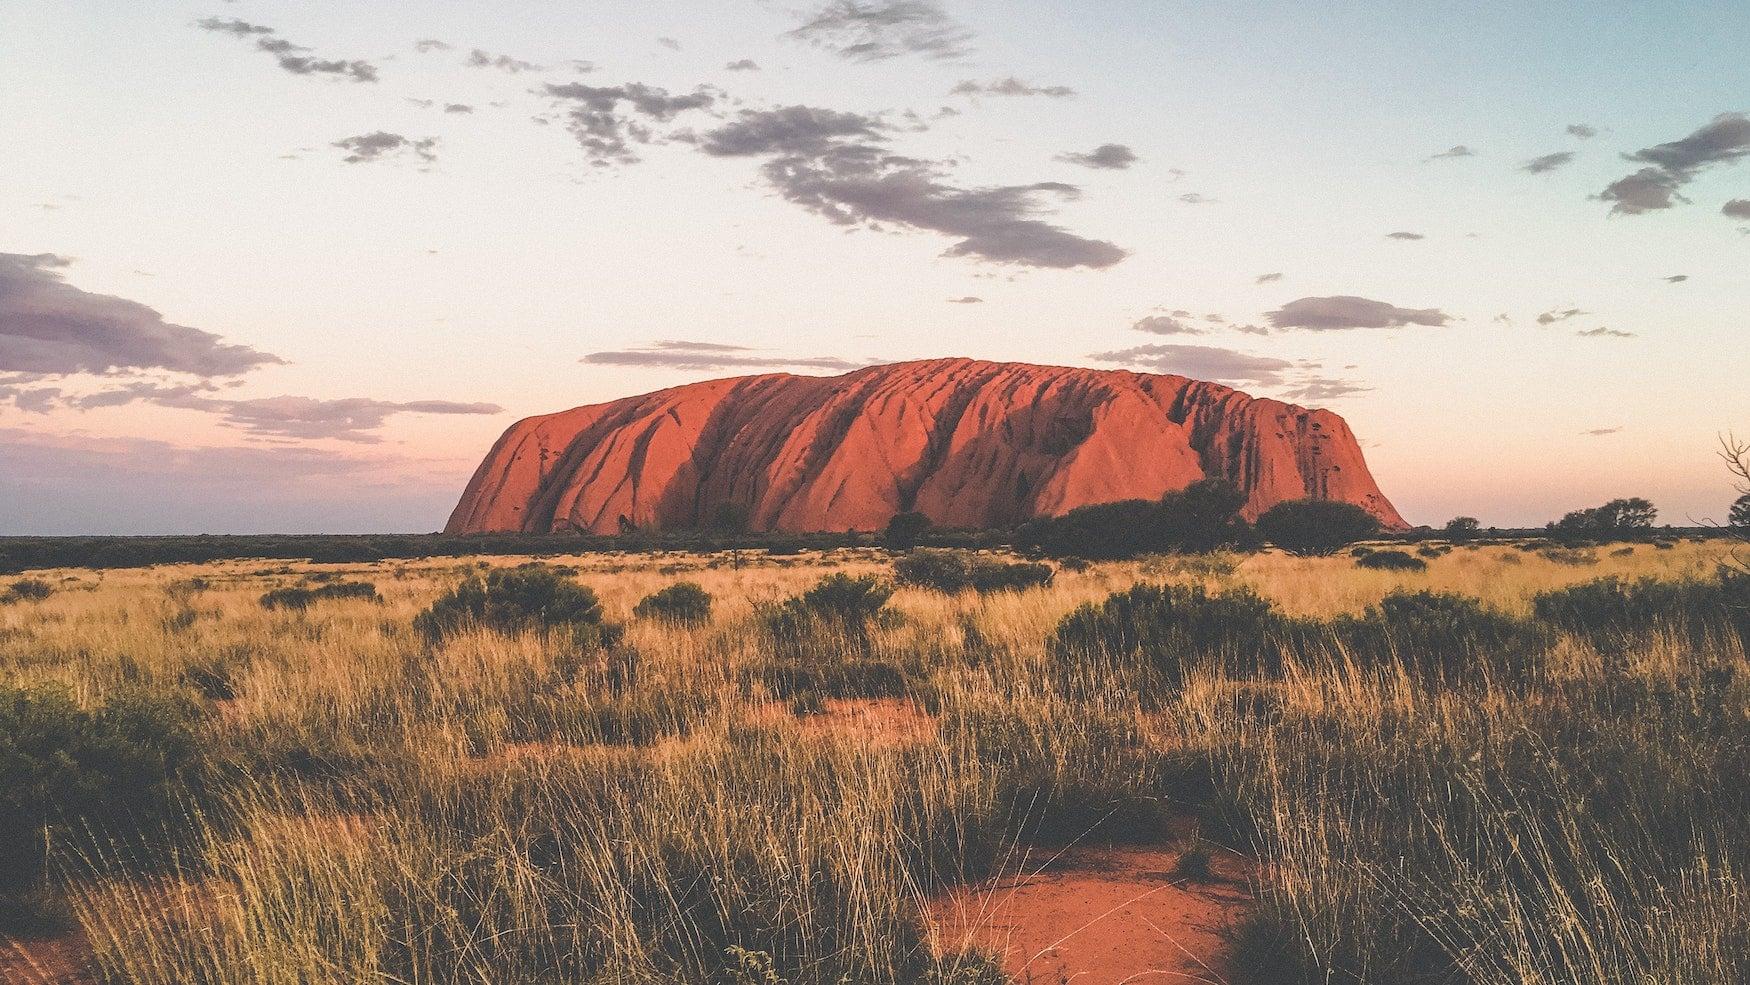 Der Uluru im Outback von Australien